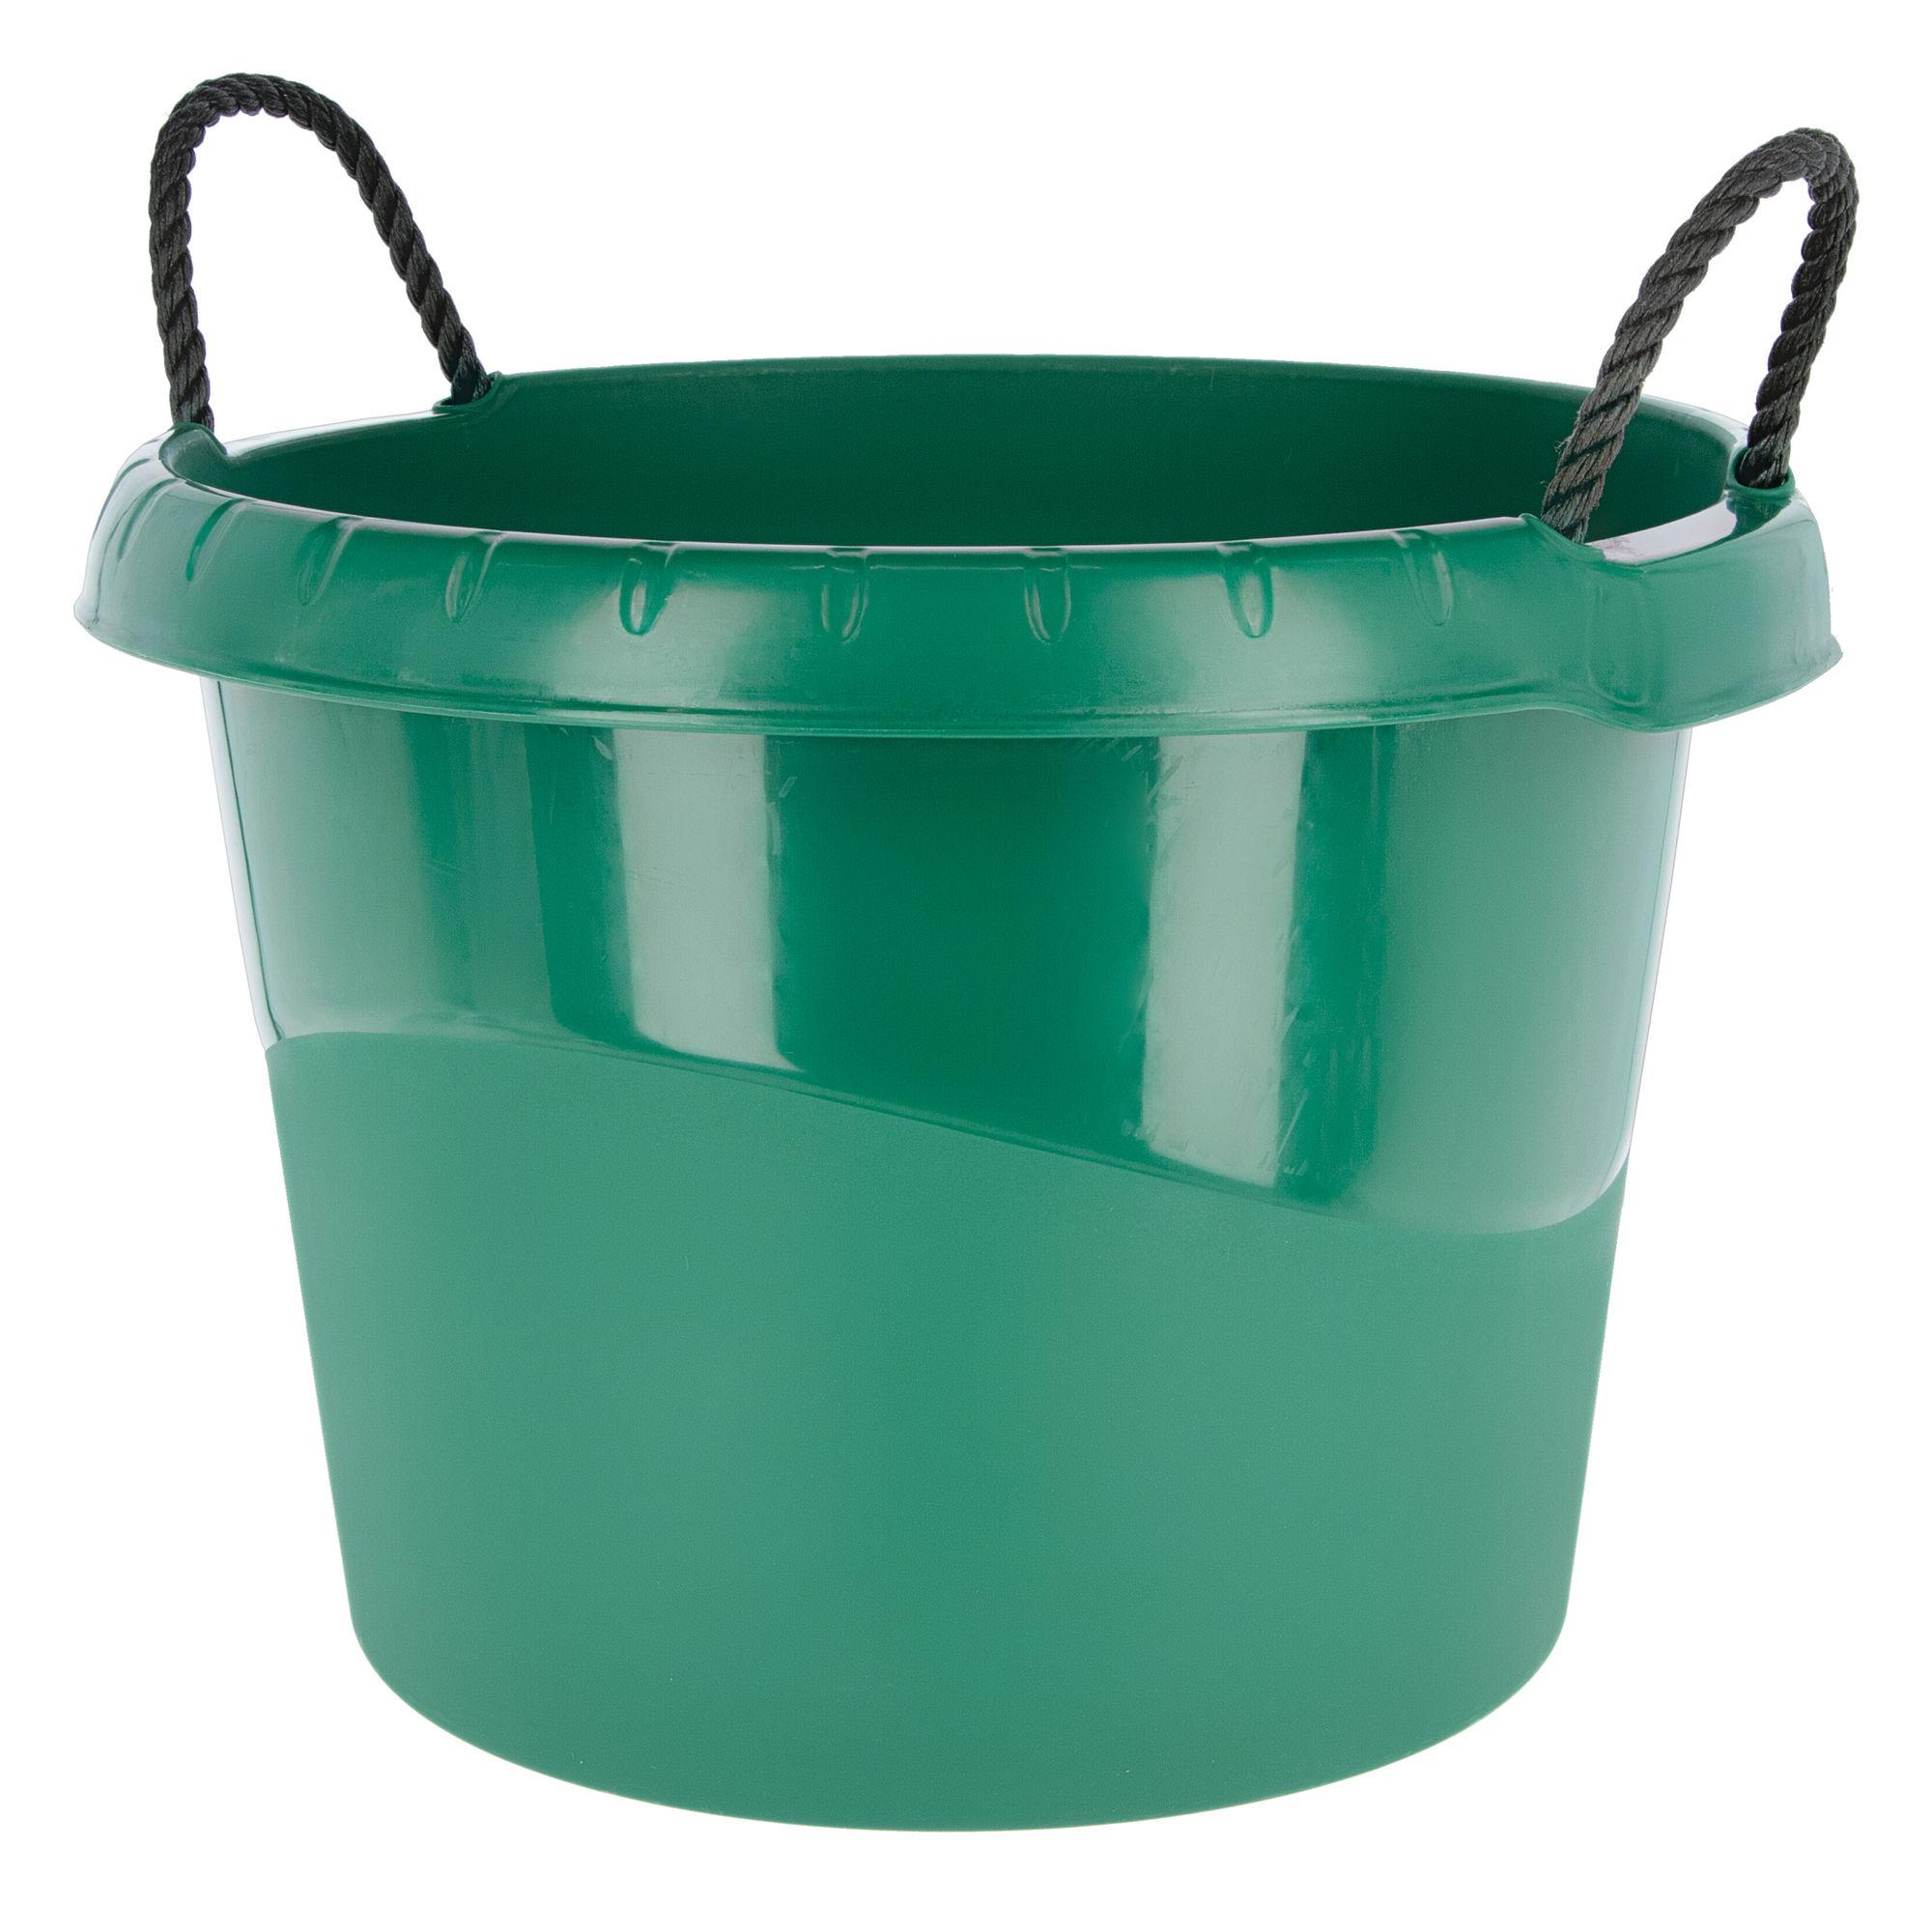 Wasser- und Futtertrog grün ca. 45ltr.